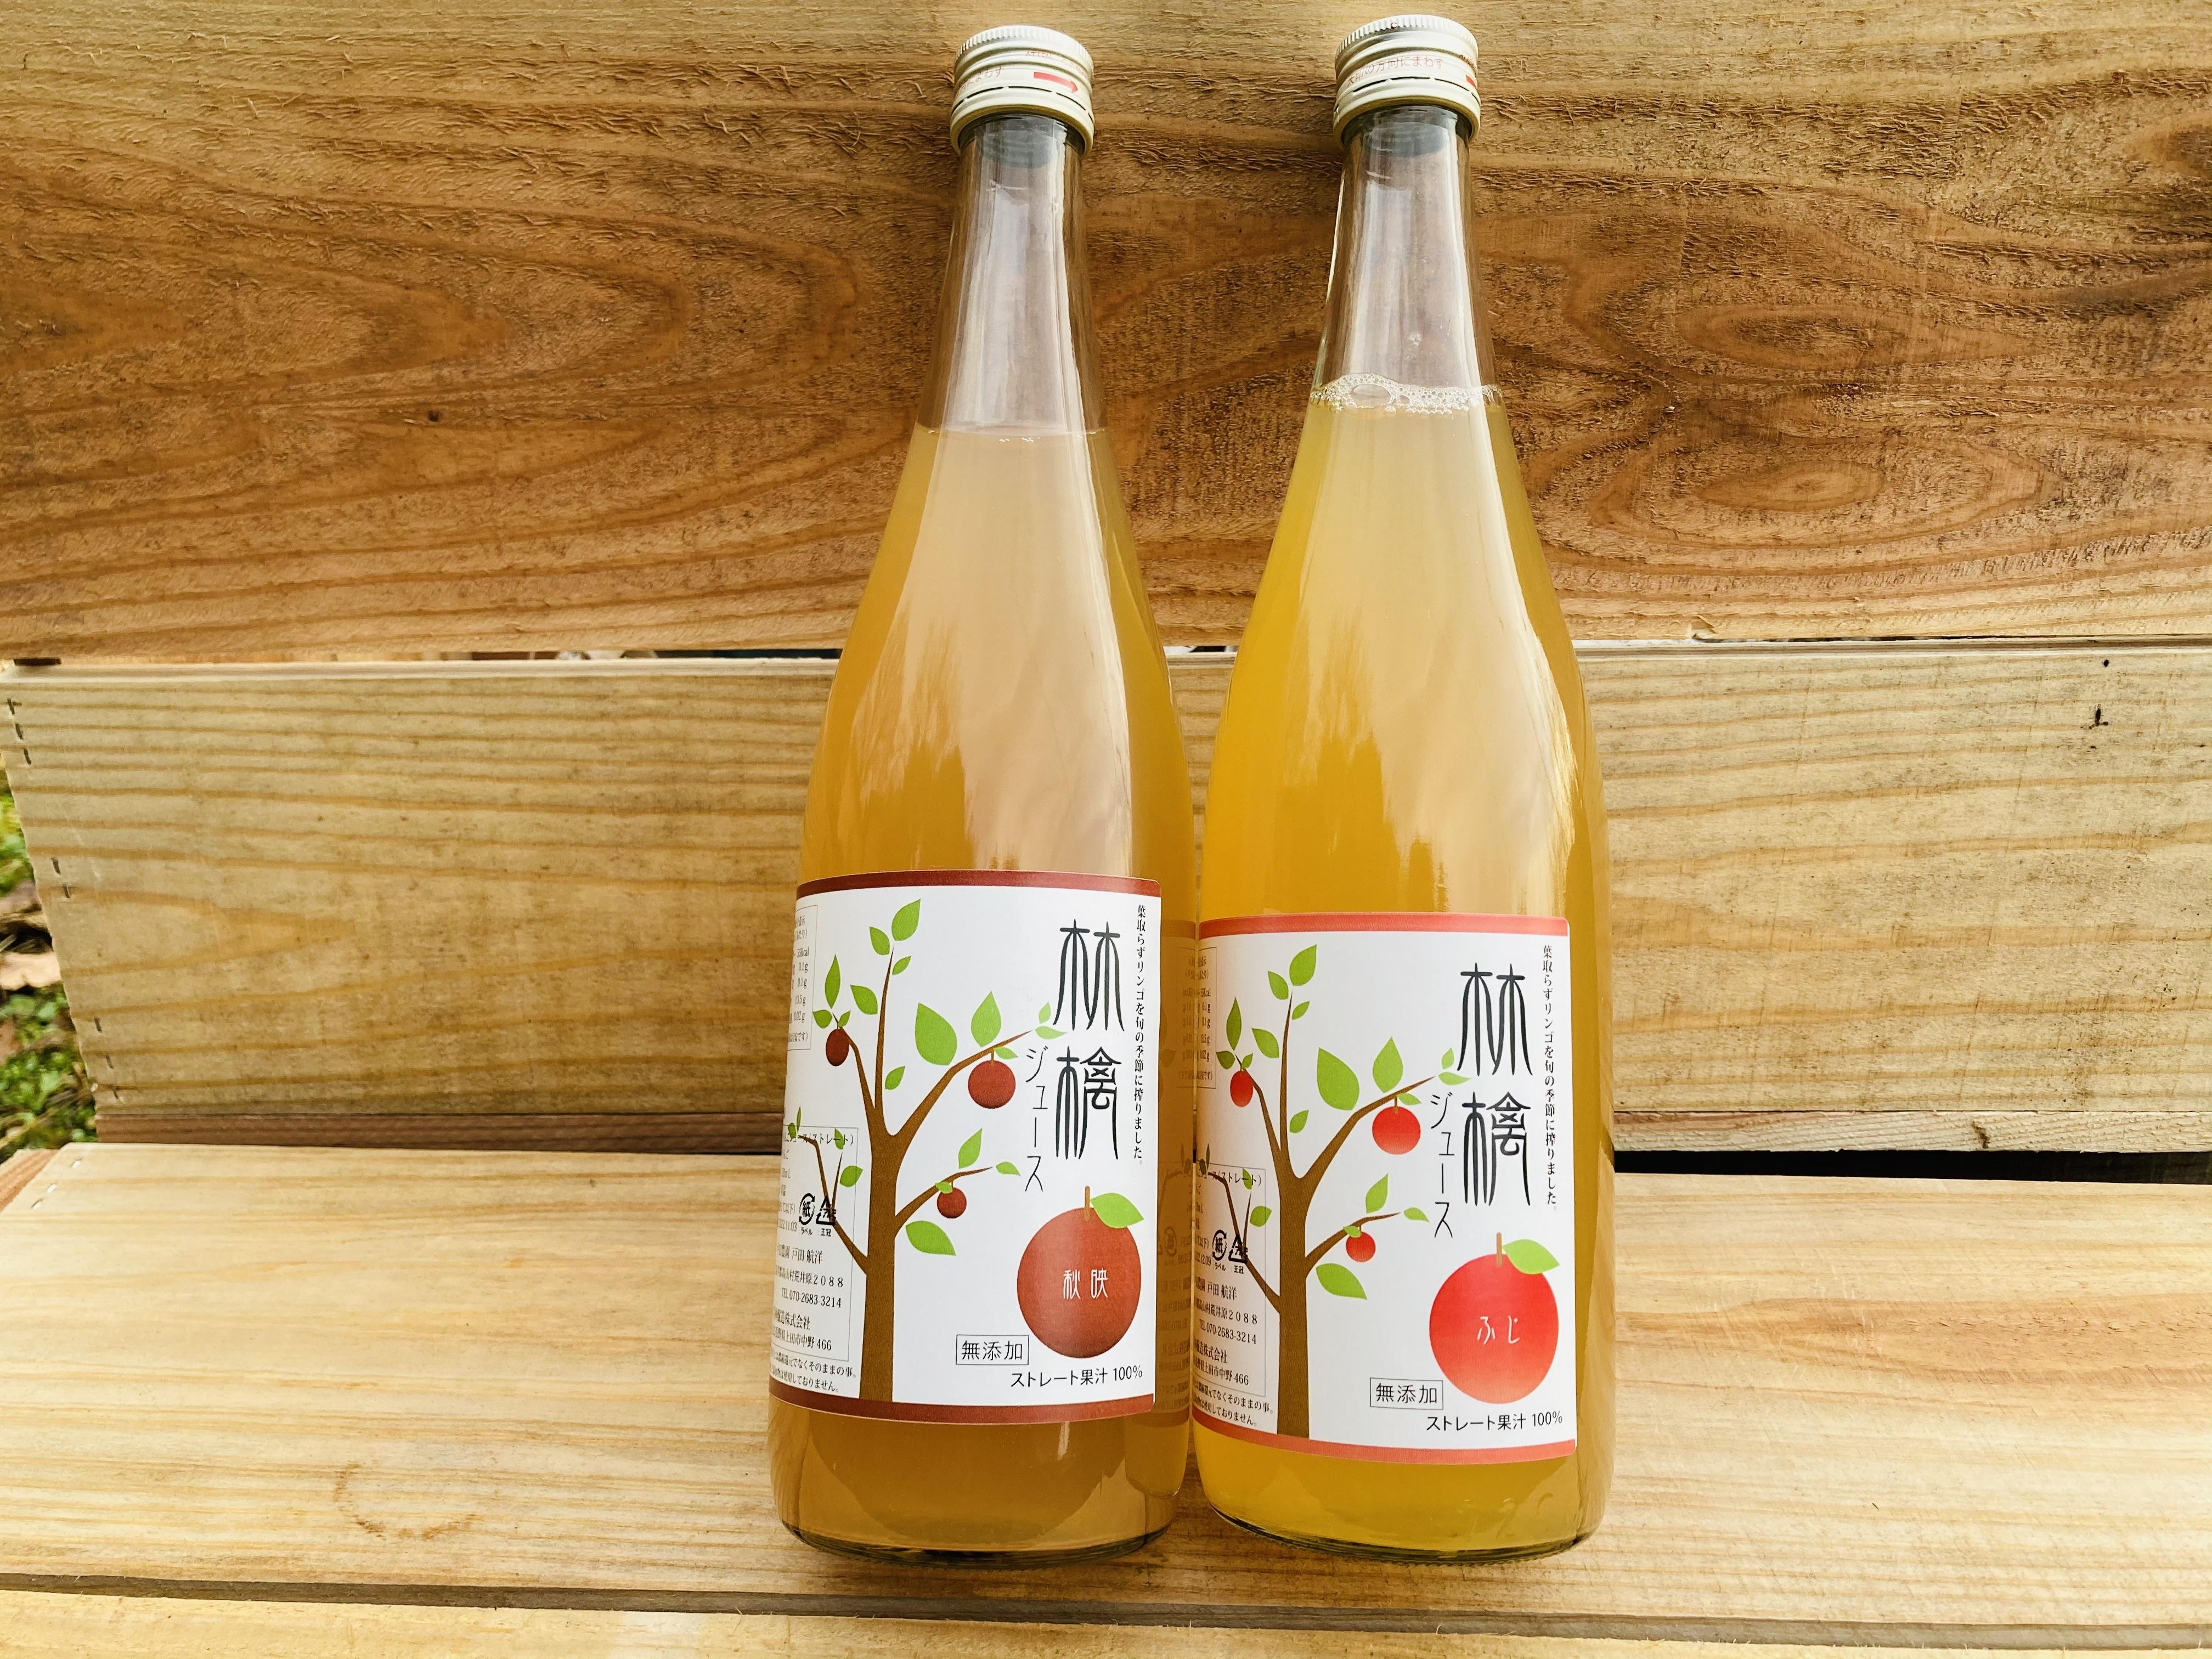 【4本入り】「秋映&ふじ」ストレートジュース飲み比べセット